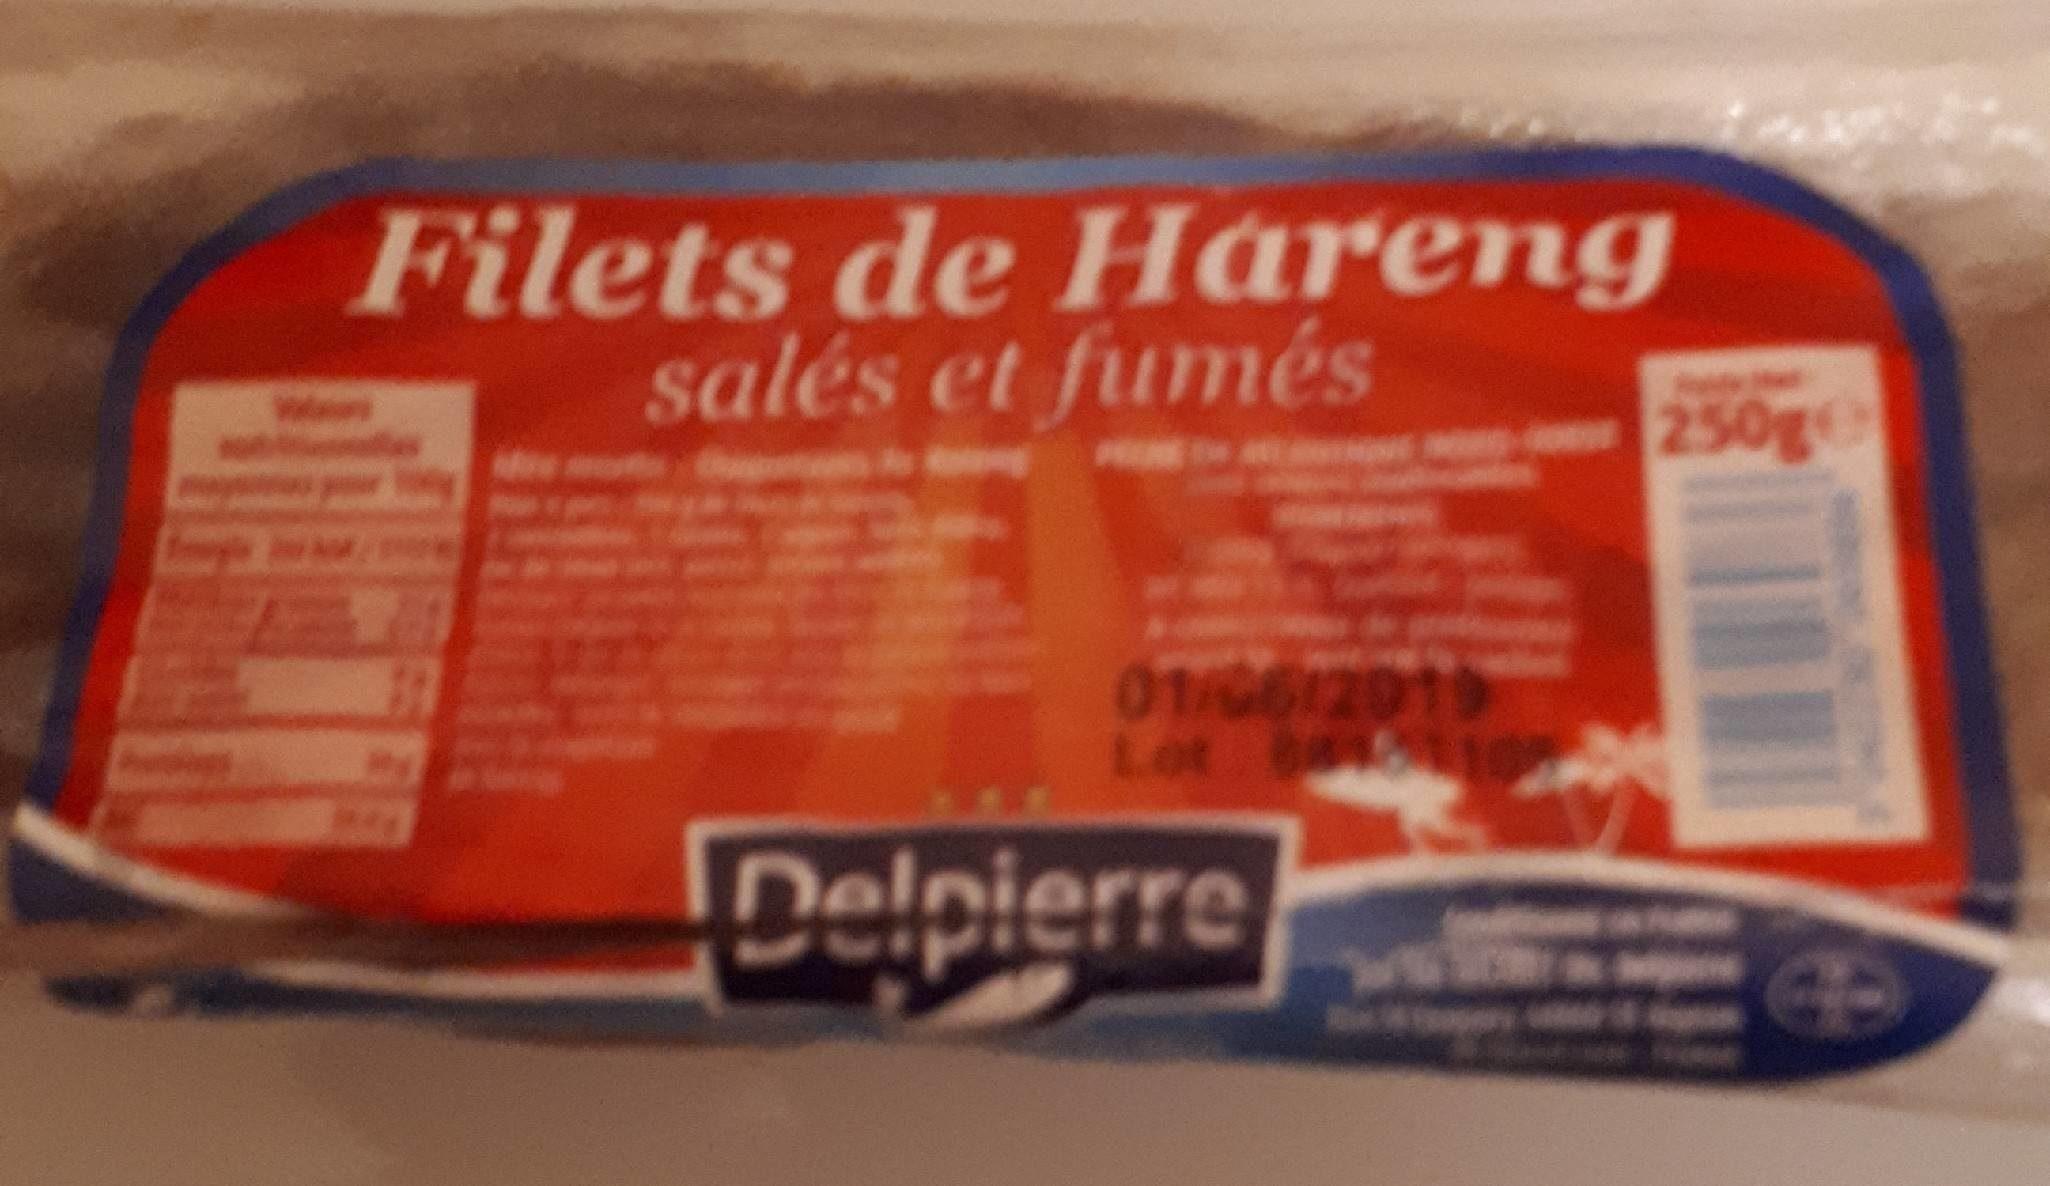 Filets de Hareng salés et fumés - Produit - fr